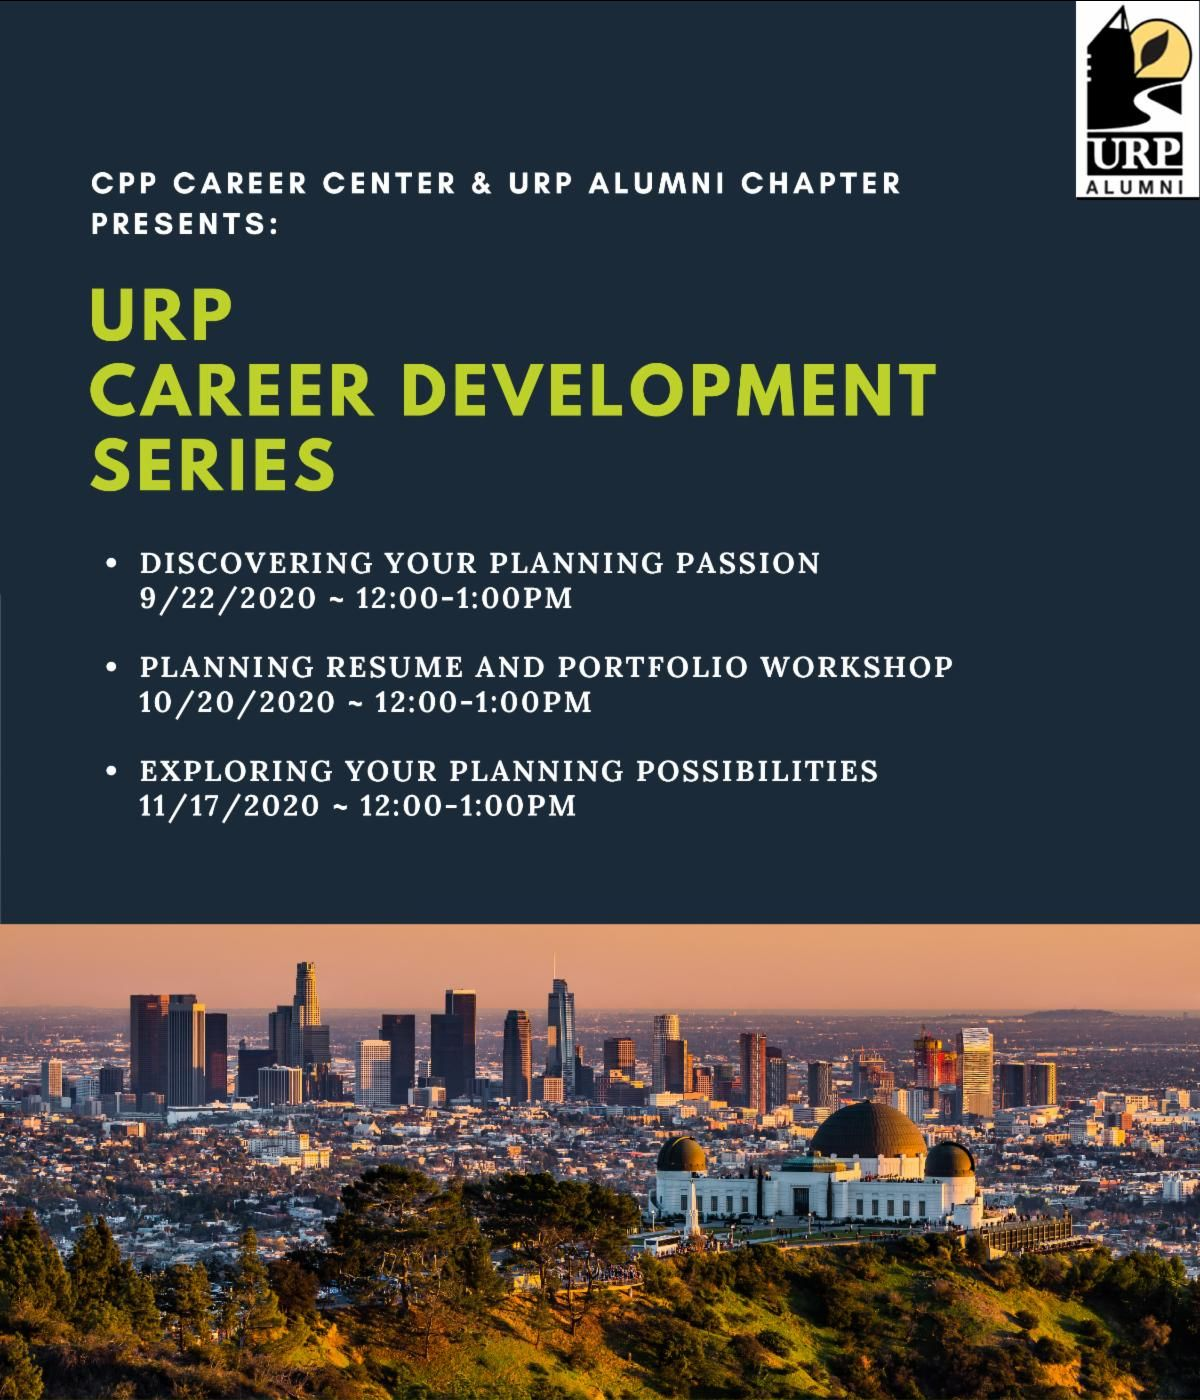 urp career series flyer fall 2020